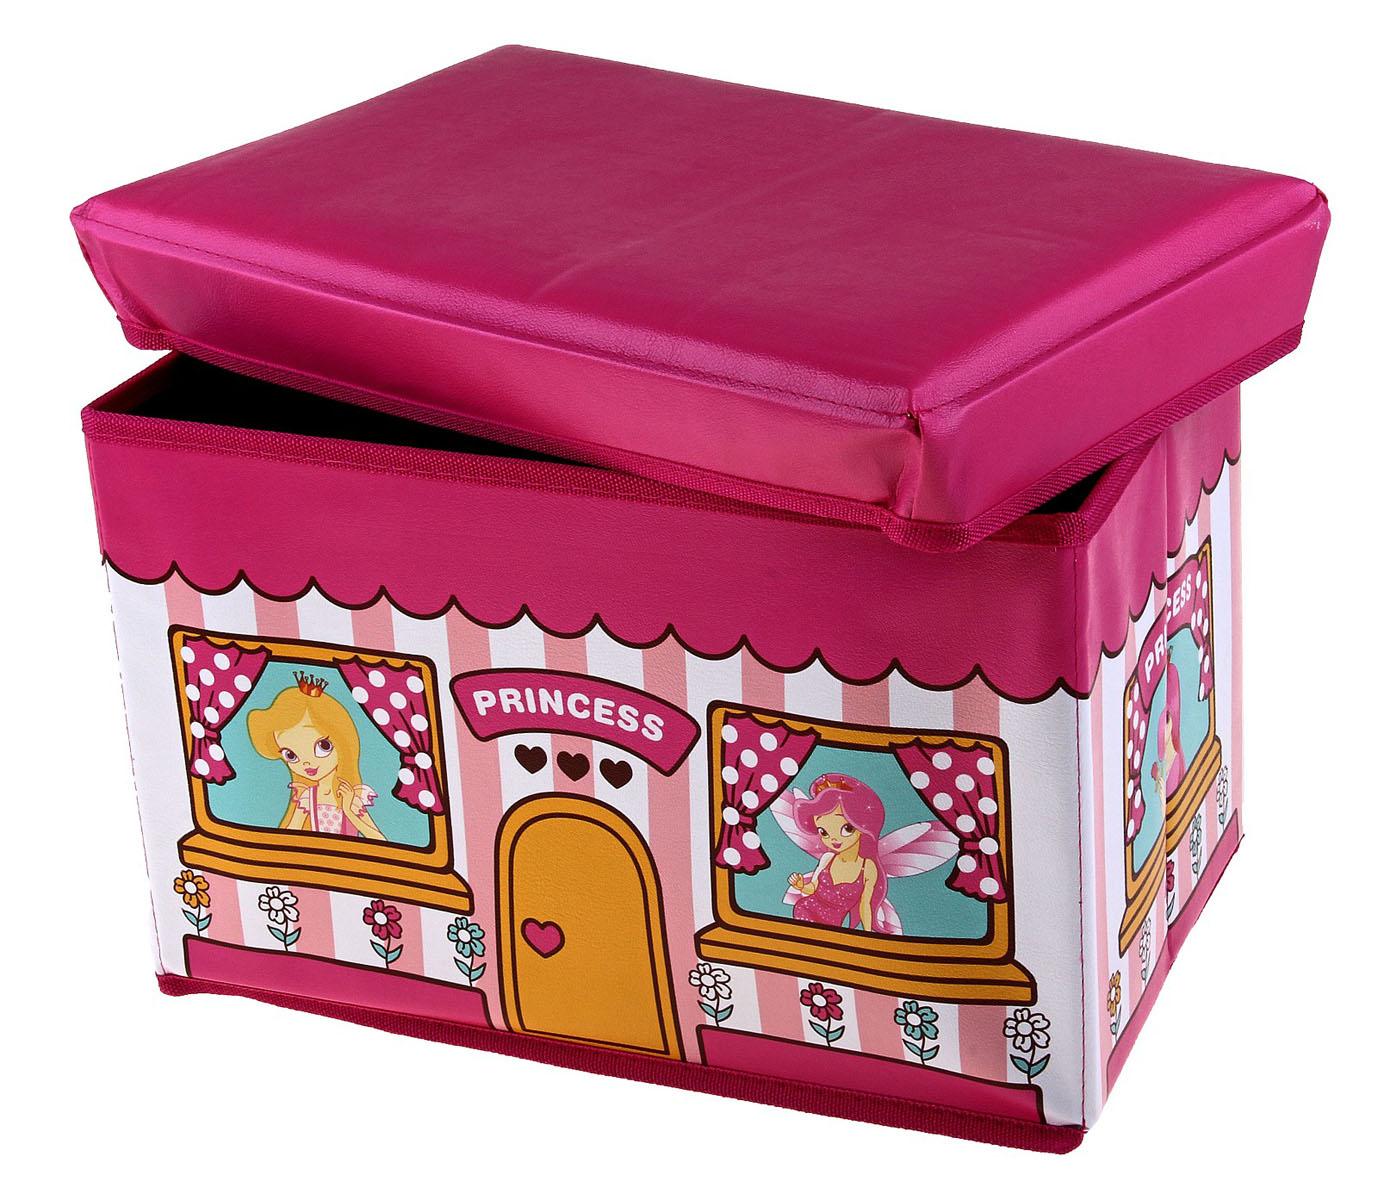 Коробка для хранения Sima-land Принцесса, 40 х 25 х 25 см648345Коробка для хранения Sima-land Принцесса изготовлена из искусственной кожи и картона. Коробка имеет съемную, мягкую крышку. Материал коробки позволяет сохранять естественную вентиляцию, а воздуху свободно проникать внутрь, не пропуская пыль. Благодаря специальным вставкам, коробка прекрасно держит форму, что позволяет ее использовать как дополнительное посадочное место для ребенка. Эстетичный дизайн коробки понравиться вашему ребенку. Компактные габариты коробки не загромождают помещение. Коробку можно хранить в обычном шкафу. Внутренняя емкость позволяет хранить внутри игрушки, книжки и прочие предметы. Мобильность конструкции обеспечивает складывание и раскладывание одним движением.Коробка Sima-land Принцесса поможет хранить игрушки все в одном месте, а также защитить их от пыли, грязи и влаги. Размер коробки: 40 см х 25 см х 25 см.